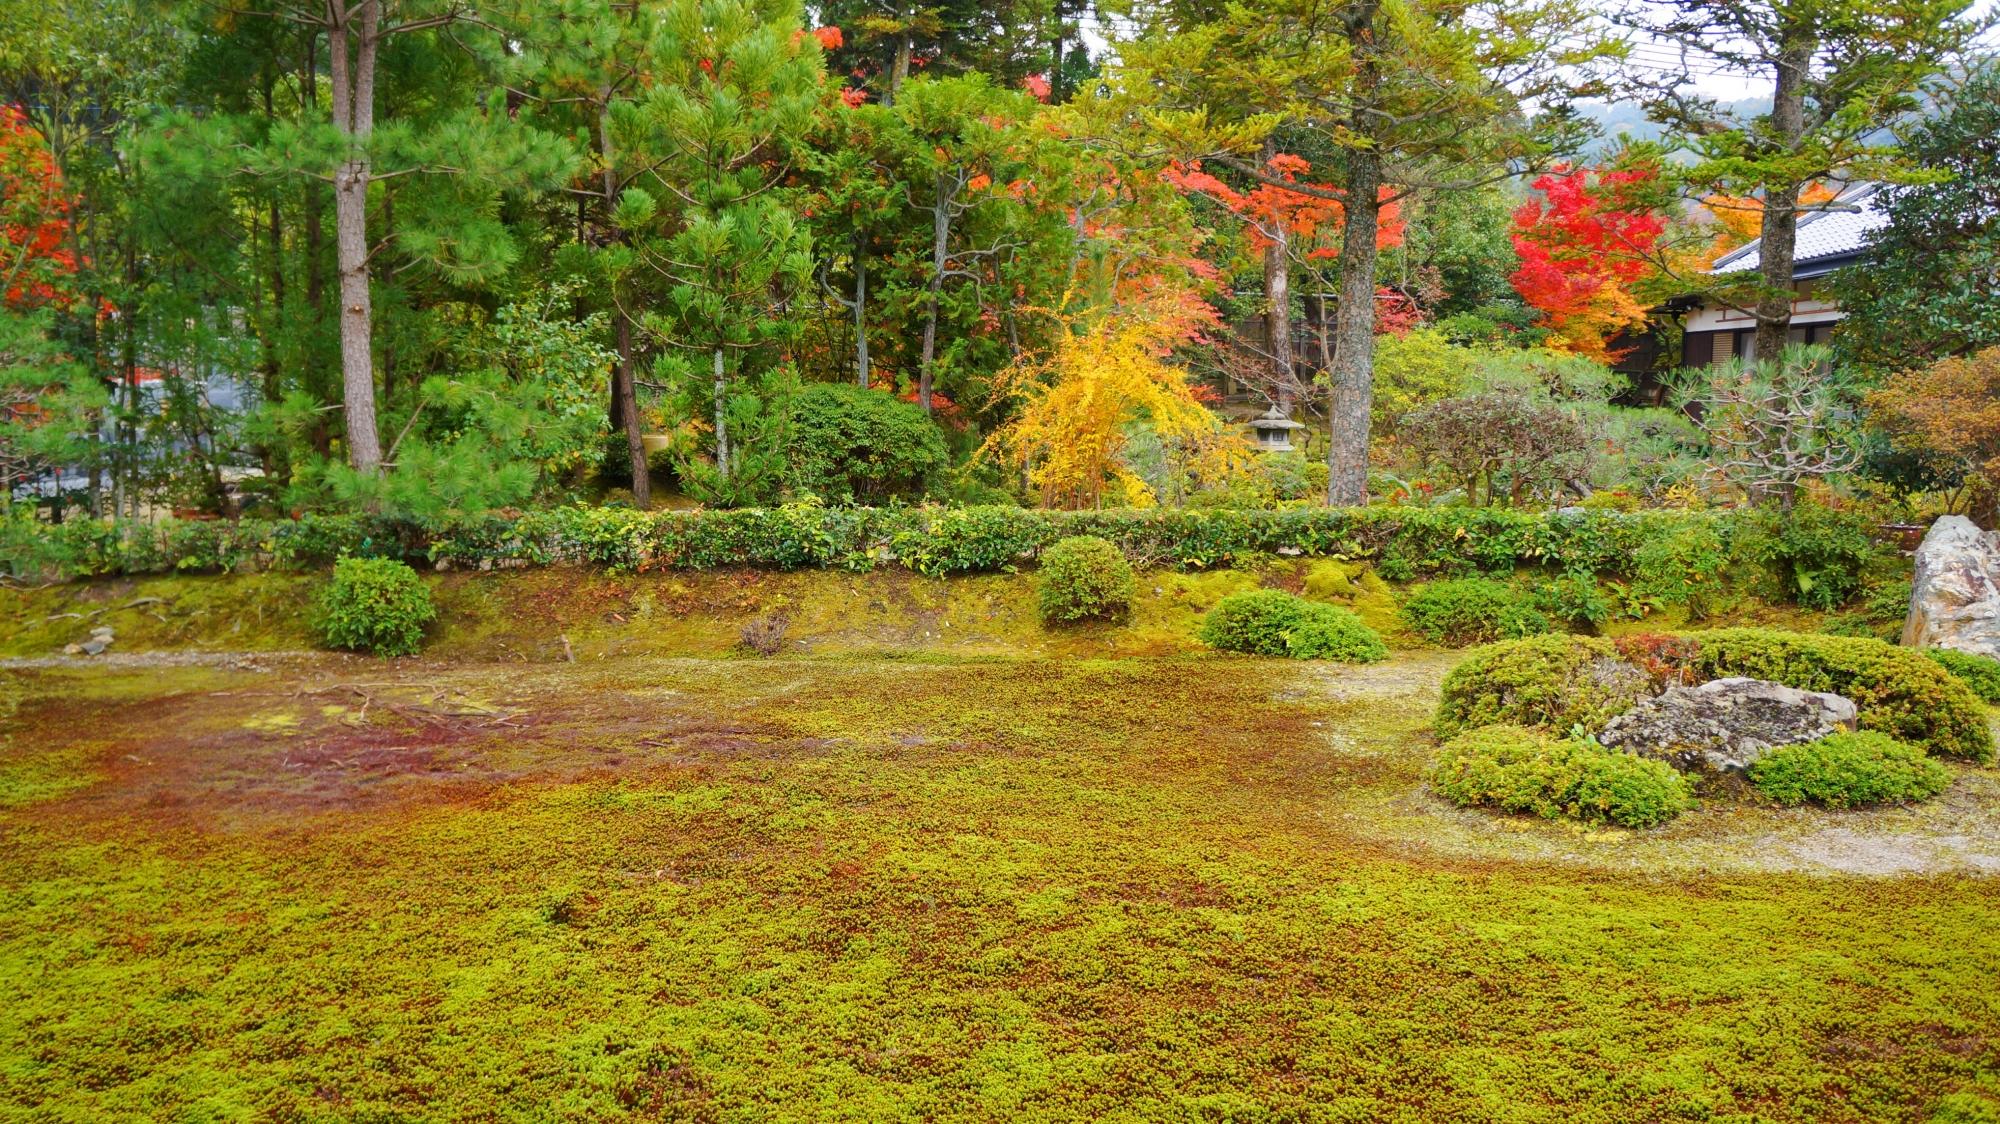 南陽院の奥では赤や黄色の多彩な紅葉が華やぐ苔の庭園